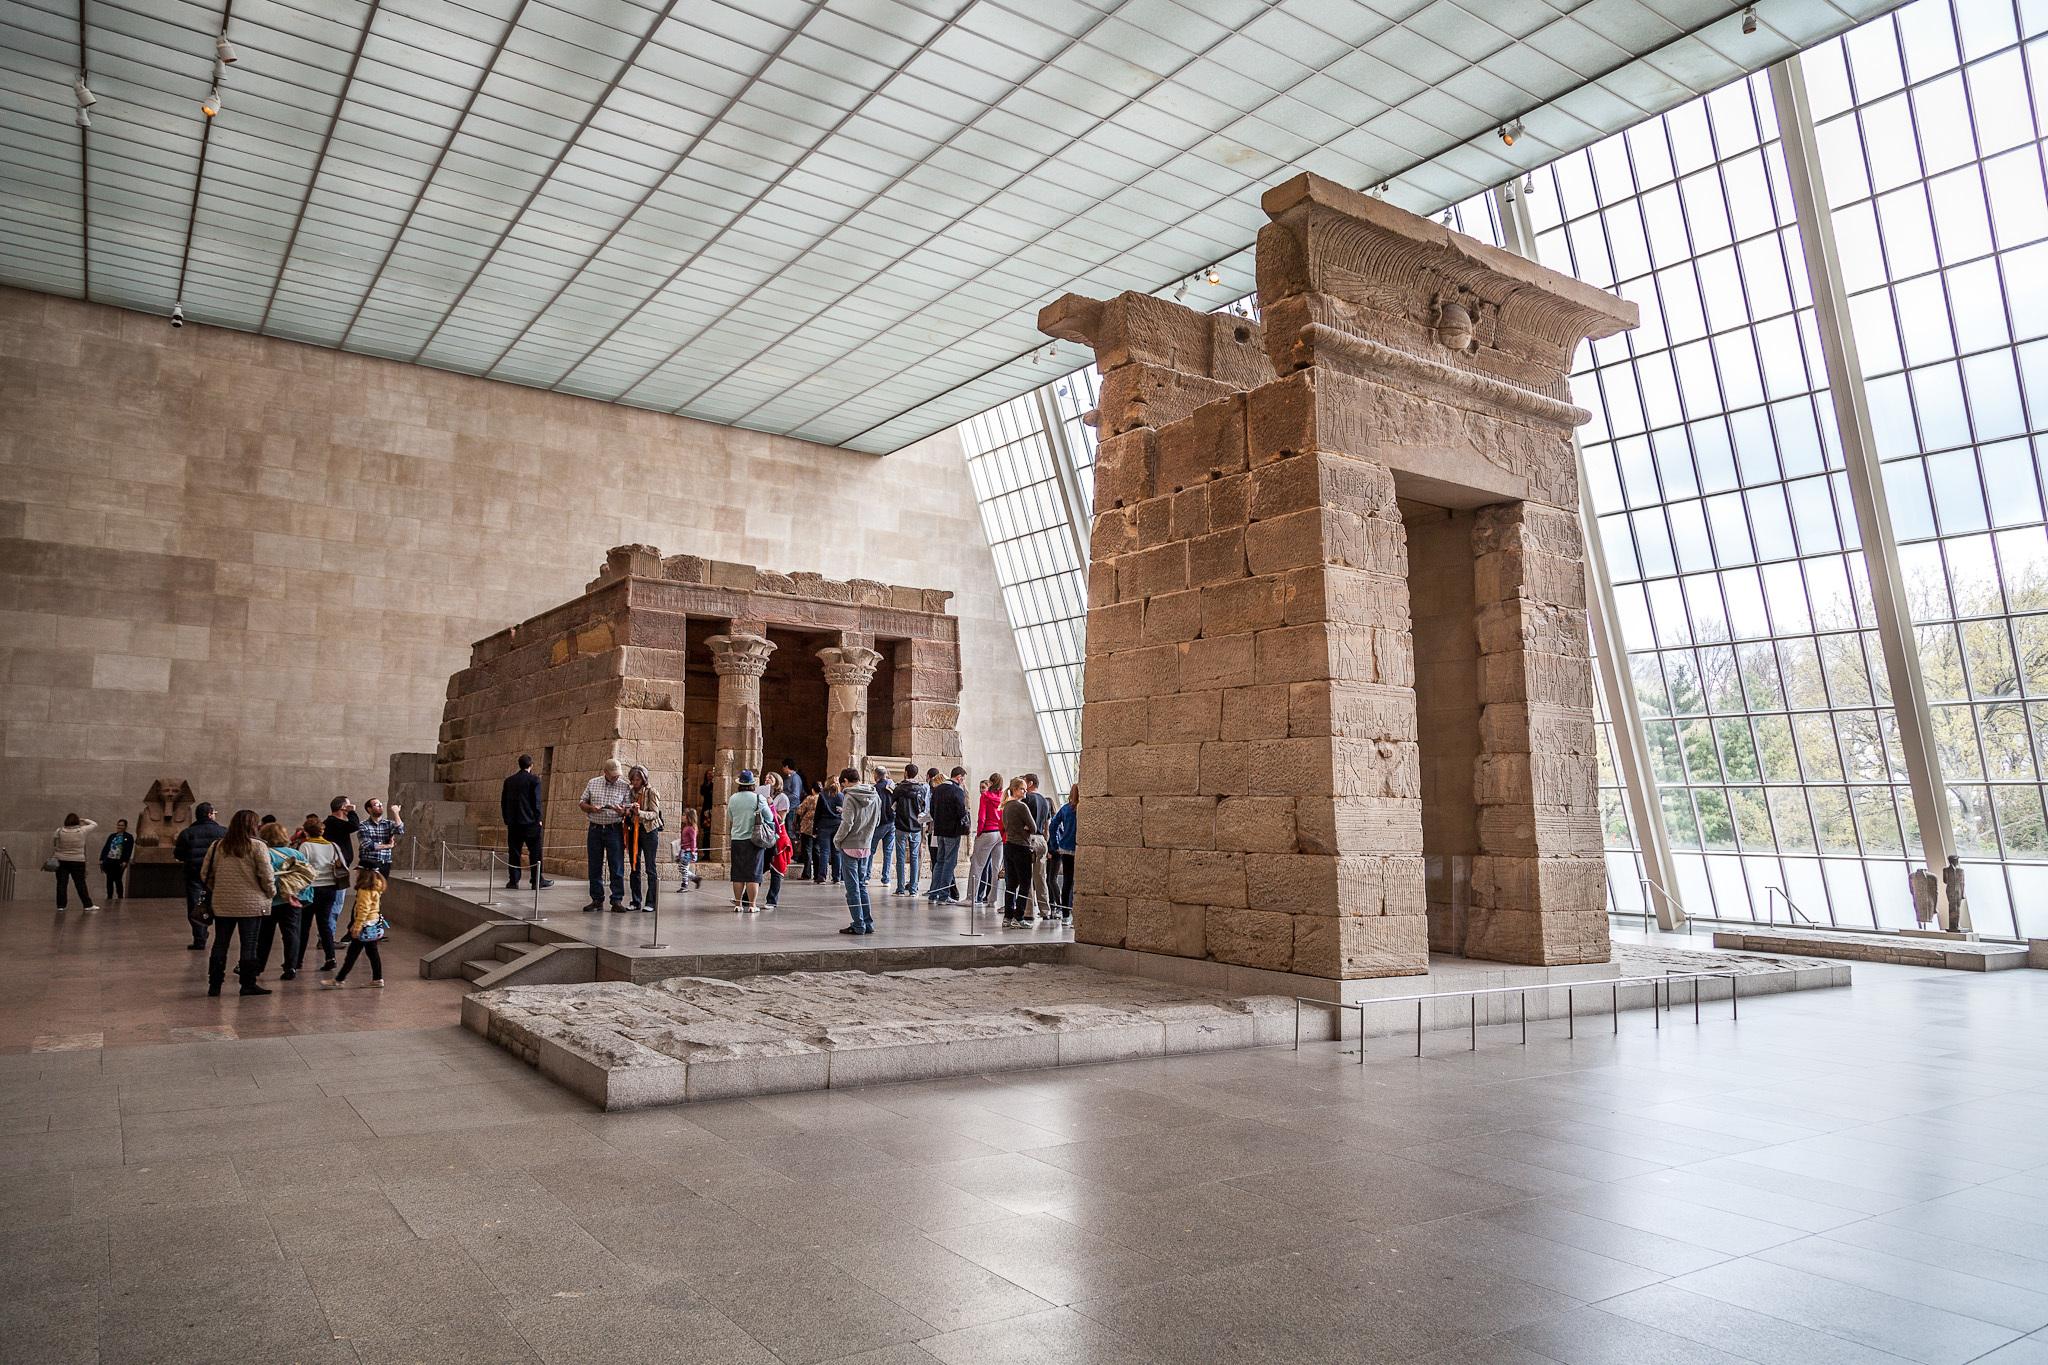 Μπήκε εισιτήριο στο Μουσείο Τέχνης της Νέα Υόρκης μόνο για... τουρίστες!